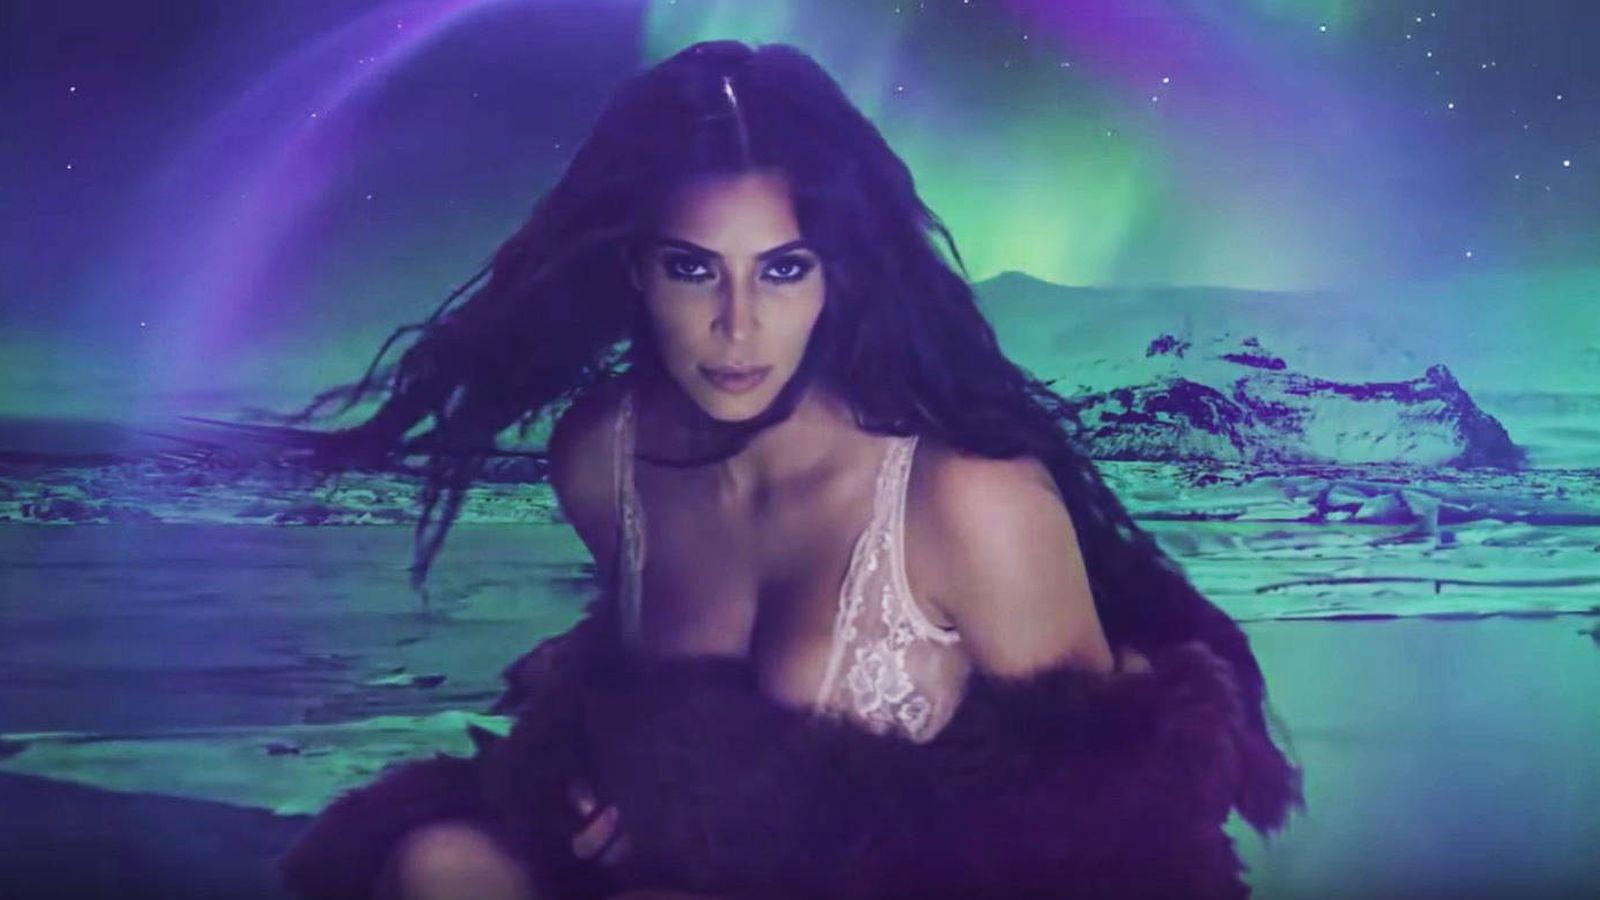 Foto: Kim Kardashian en una imagen del vídeo calendario de 'Love'